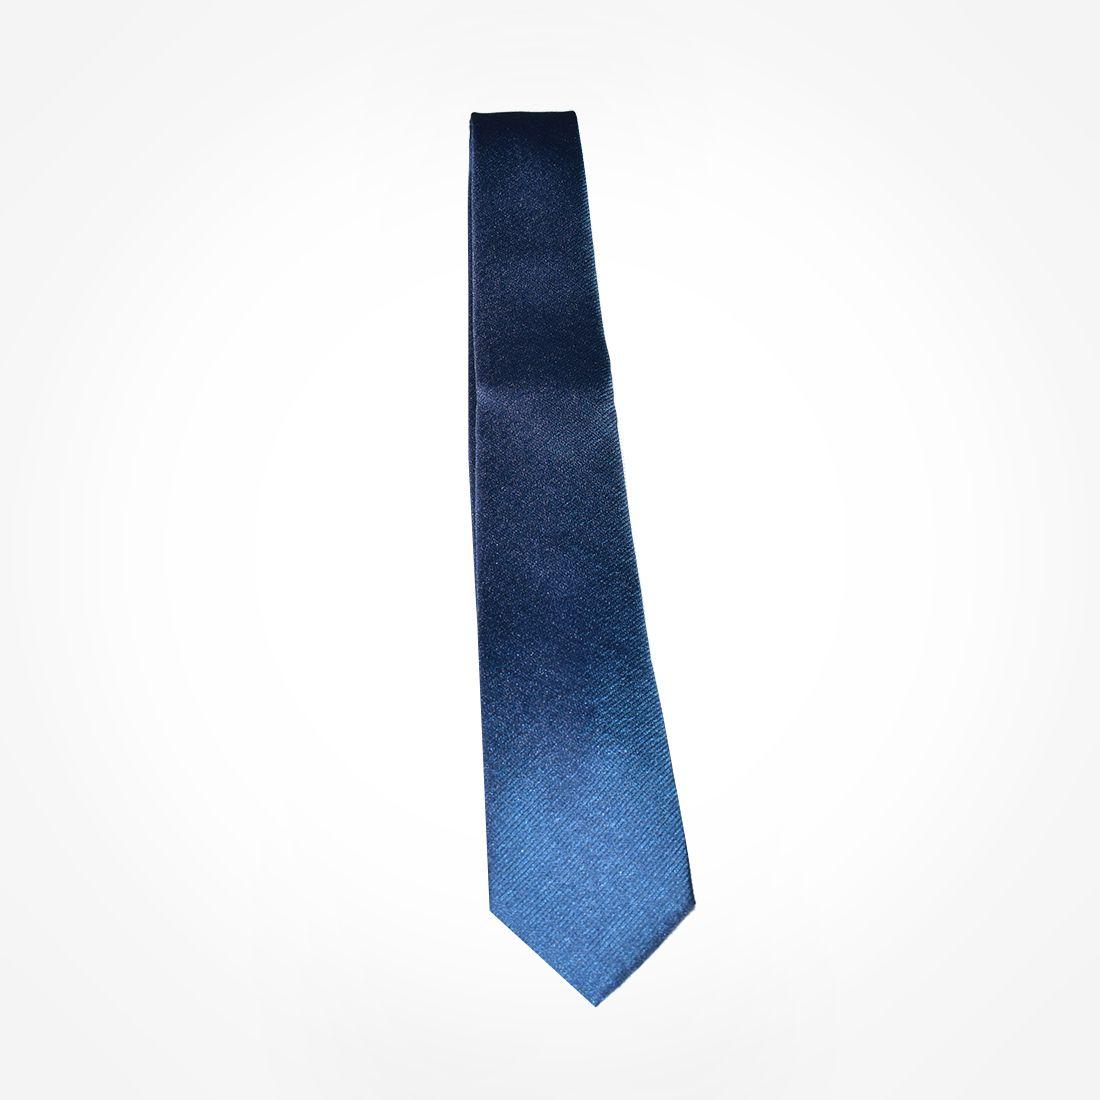 4021 - Gravata Azul Slim - LEVOK